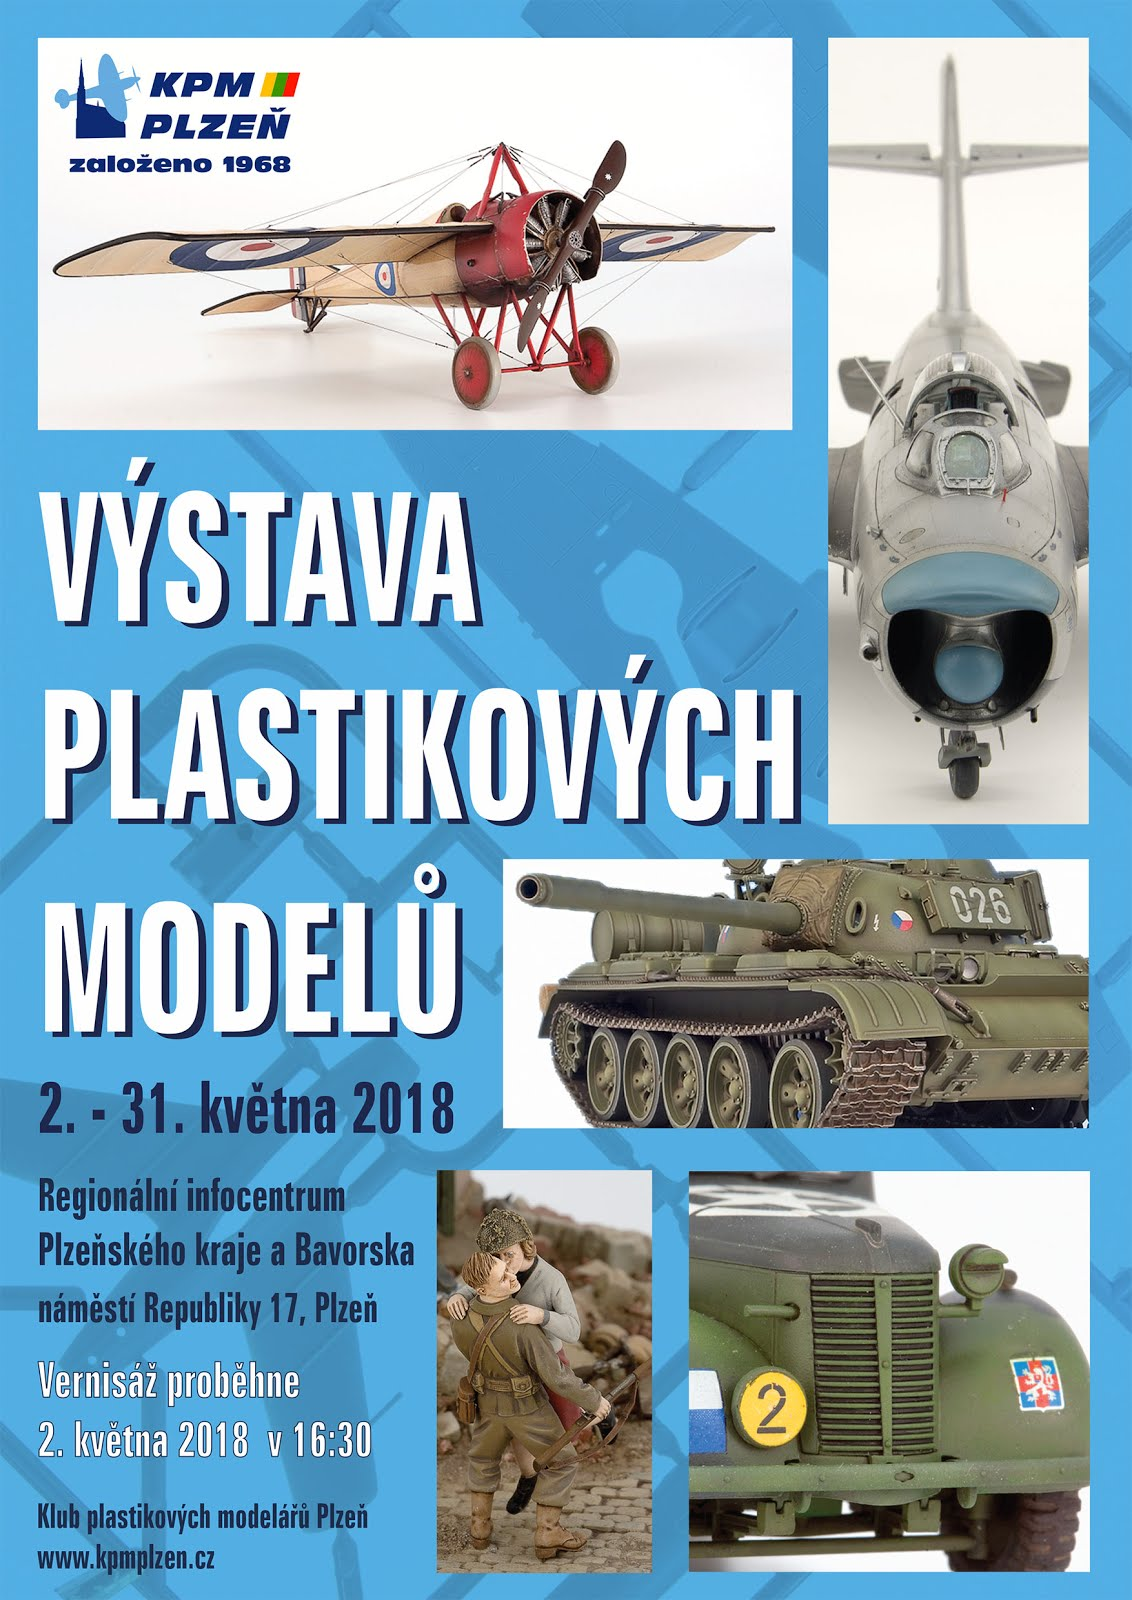 Výstava KPM Plzeň